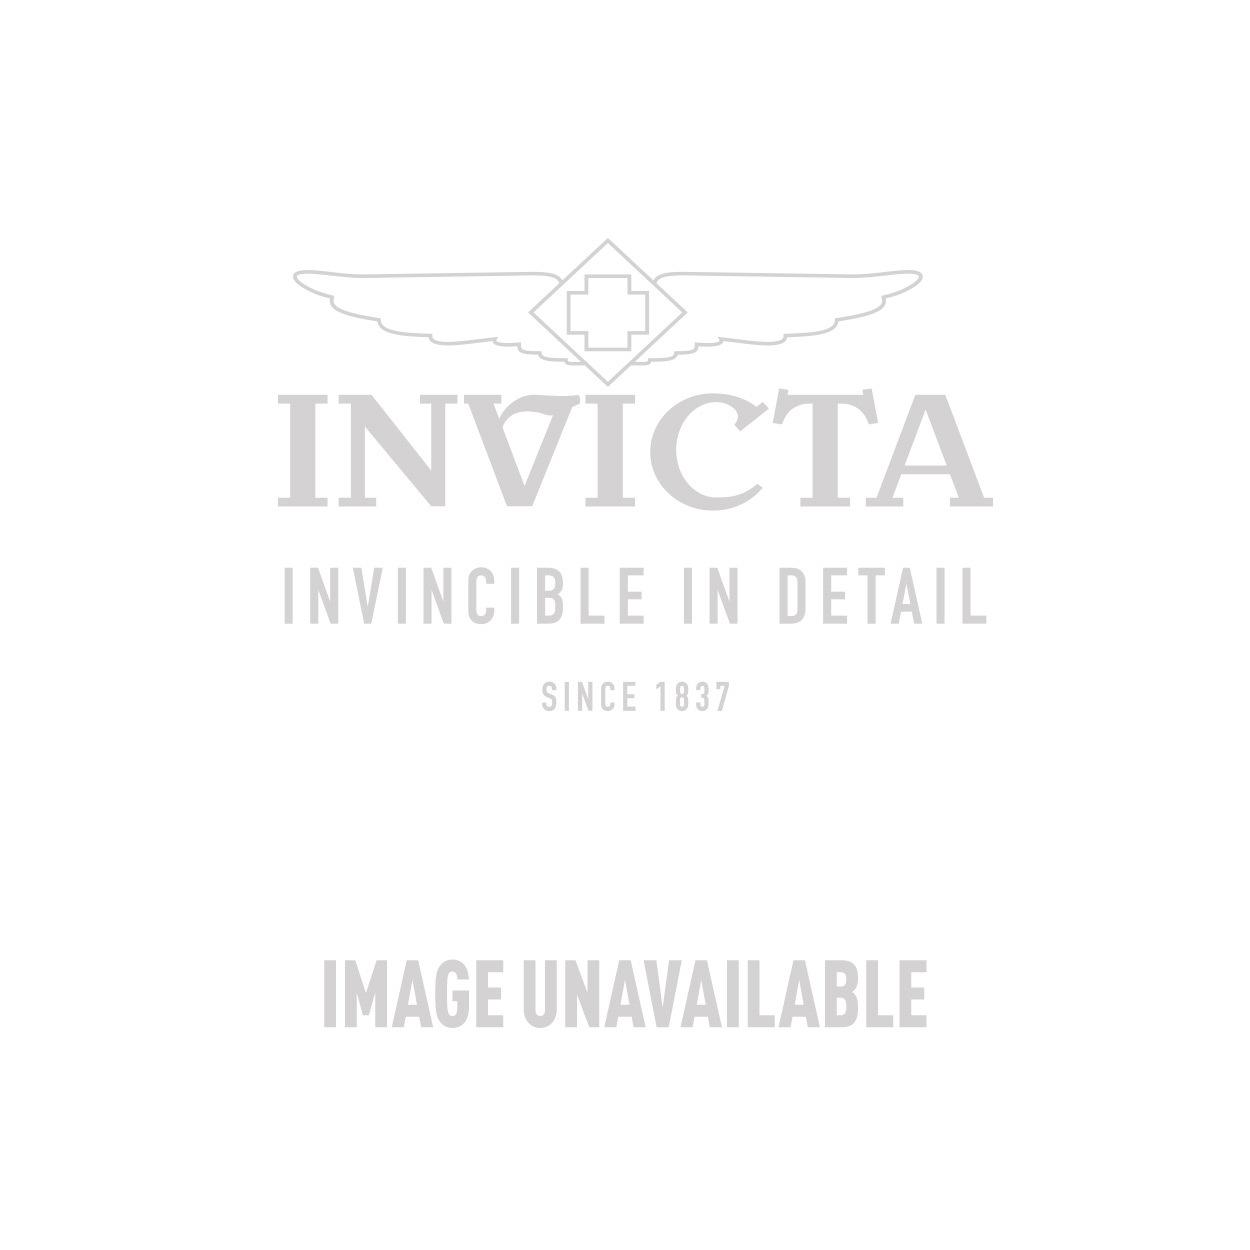 Invicta Model 24888